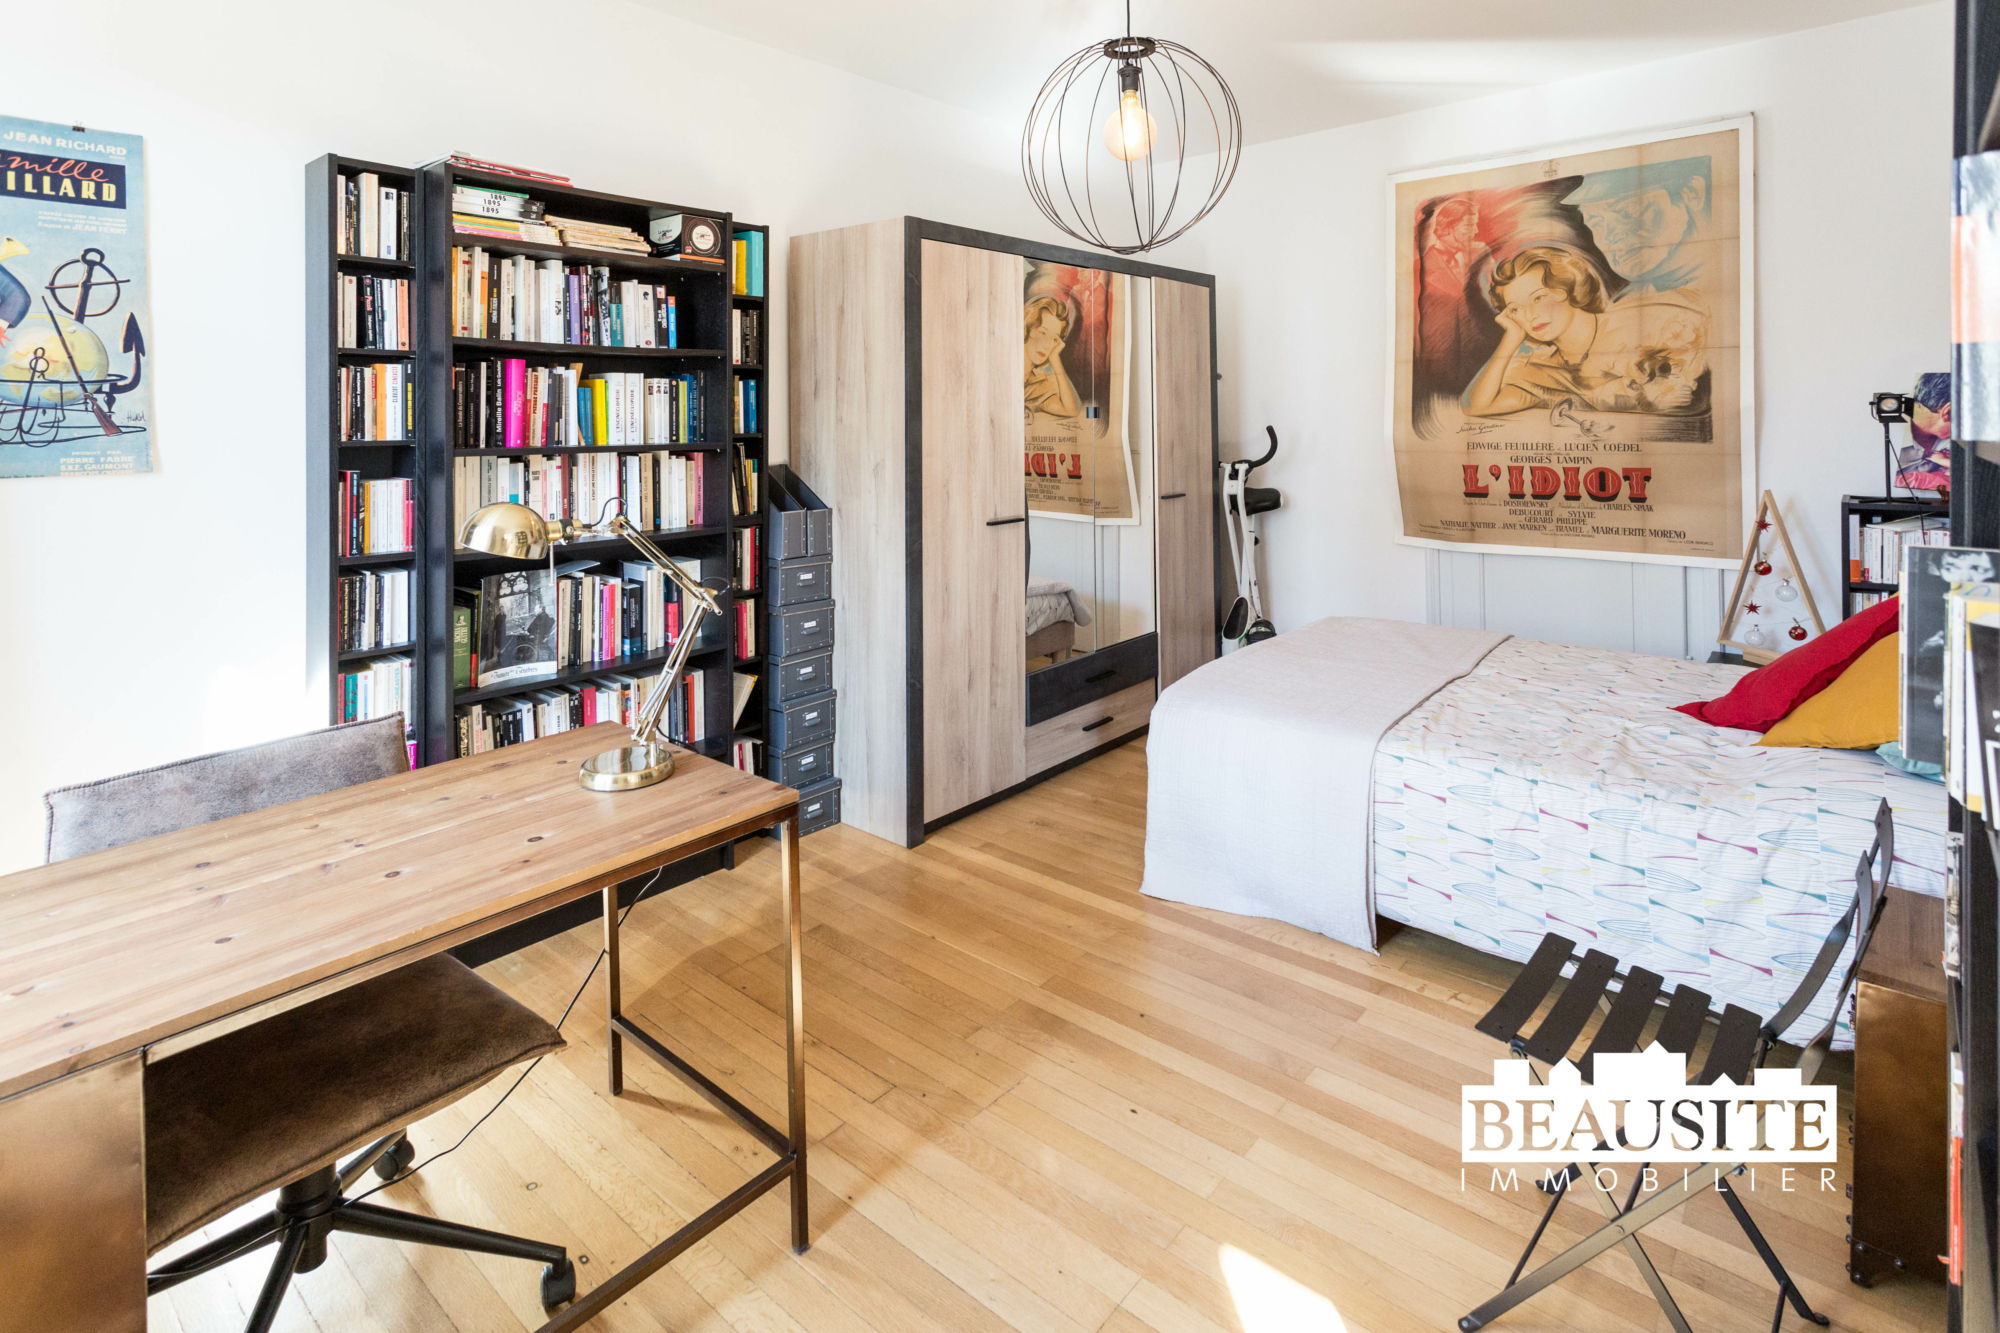 [Sobremesa] L'appartement 5 pièces chaleureux et convivial - Strasbourg / Boulevard du Président Poincaré - nos ventes - Beausite Immobilier 11